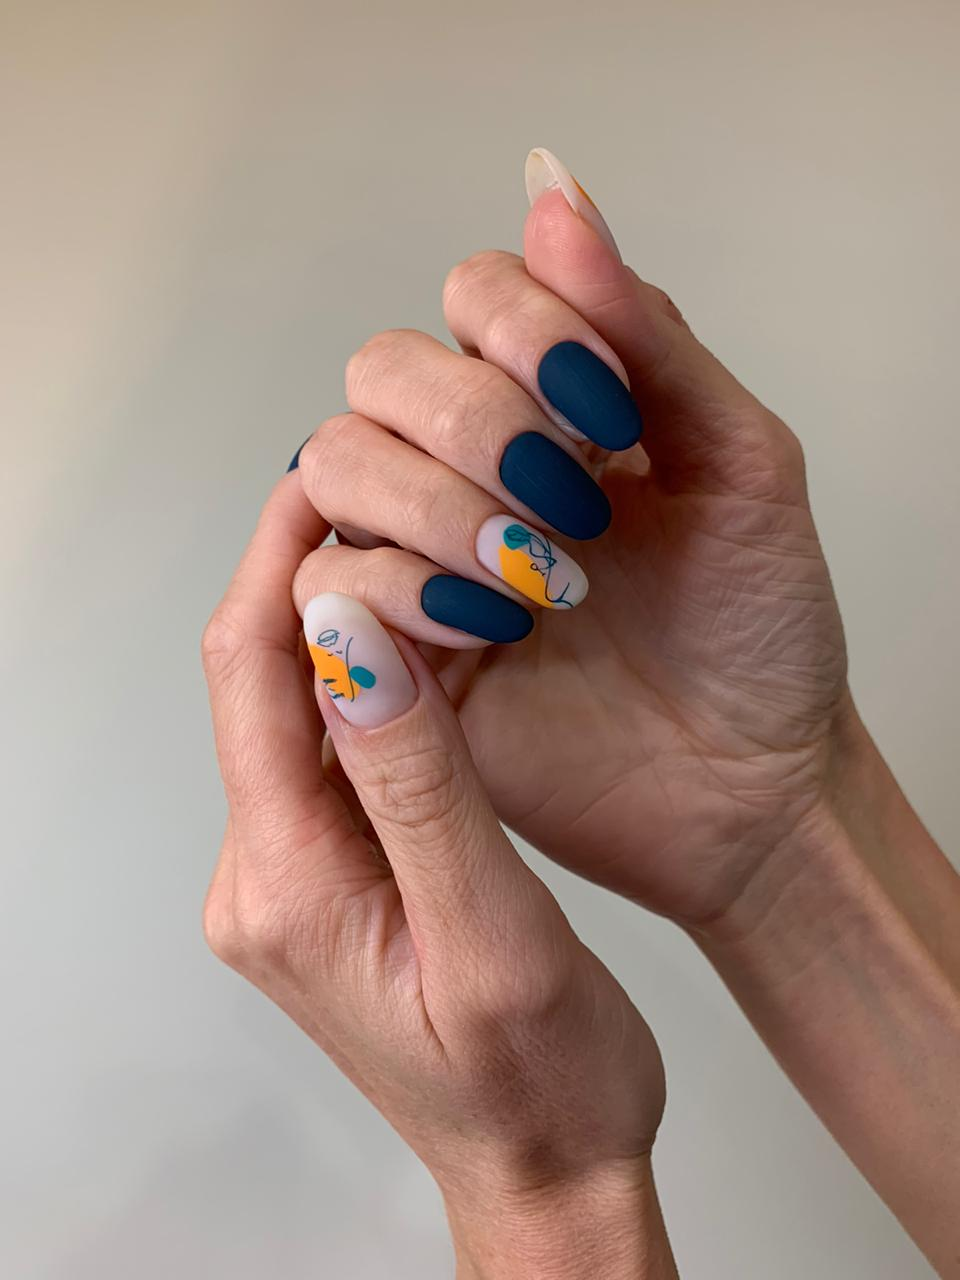 Матовый маникюр в тёмно-синем цвете с контрастным абстрактным рисунком.